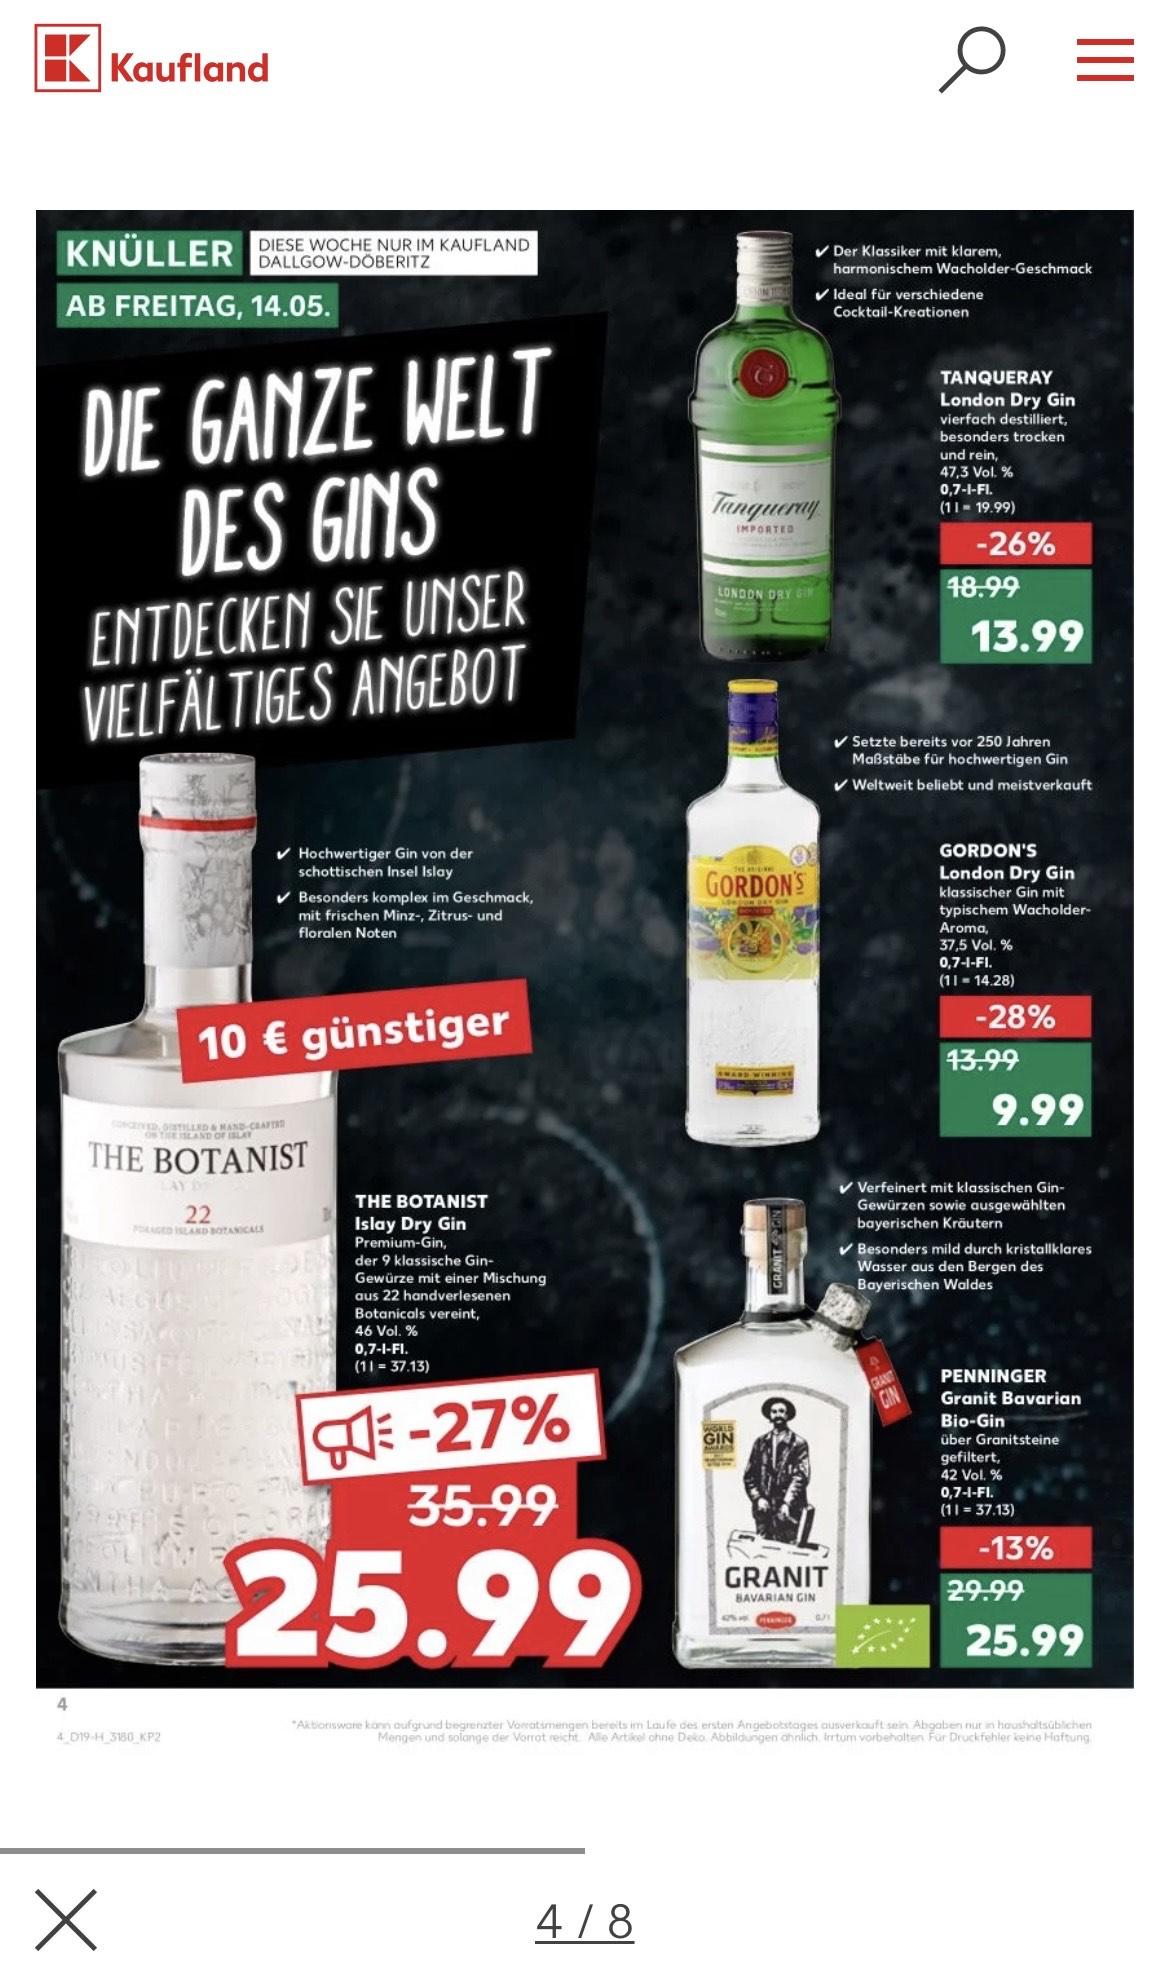 Gin-Angebote bei Kaufland (Dallgow-Döberitz)